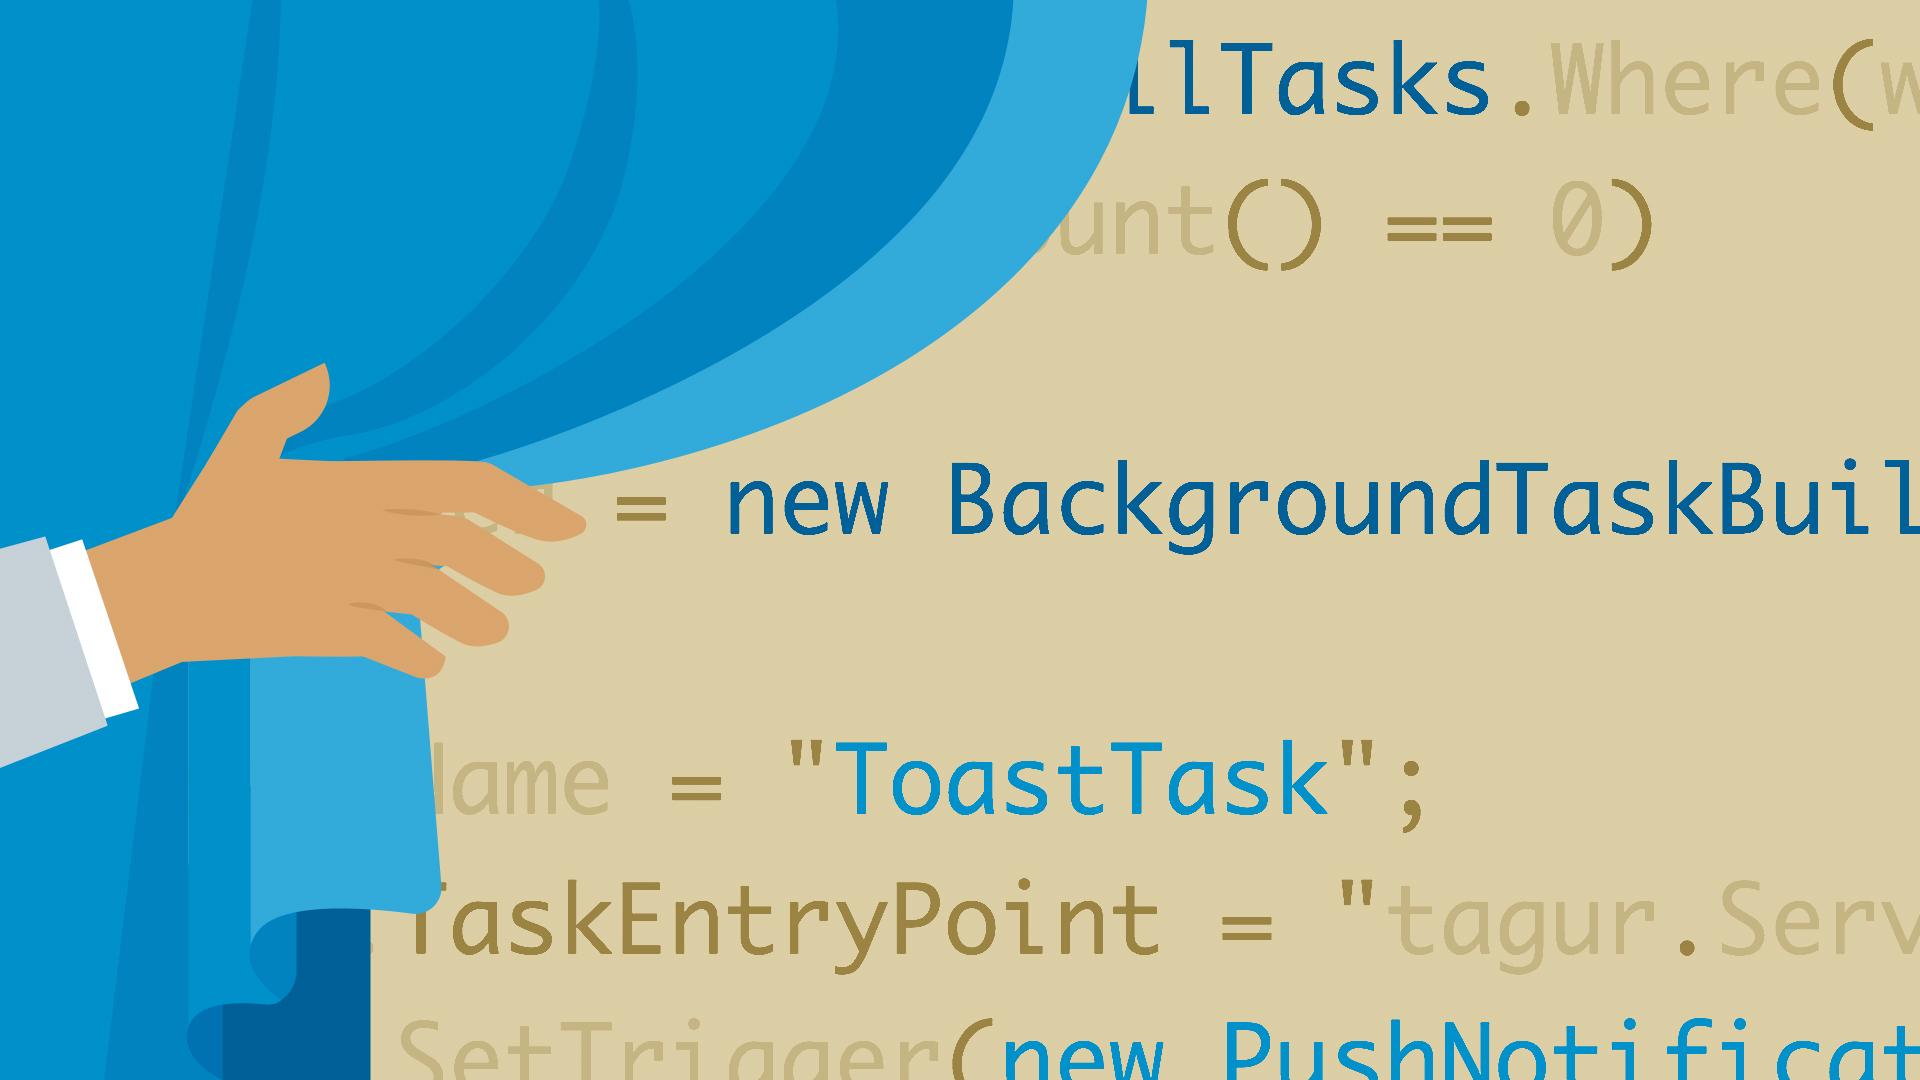 Universal Windows Platform background tasks